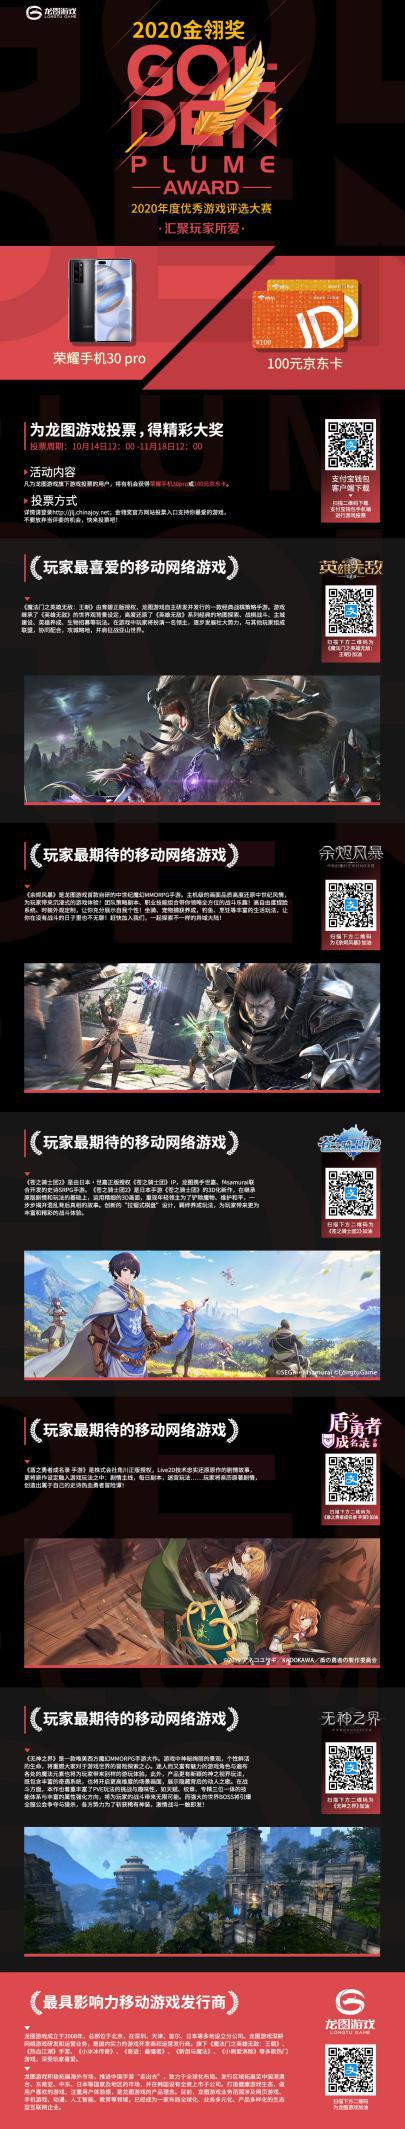 龙图游戏携旗下4款新品角逐2020金翎奖